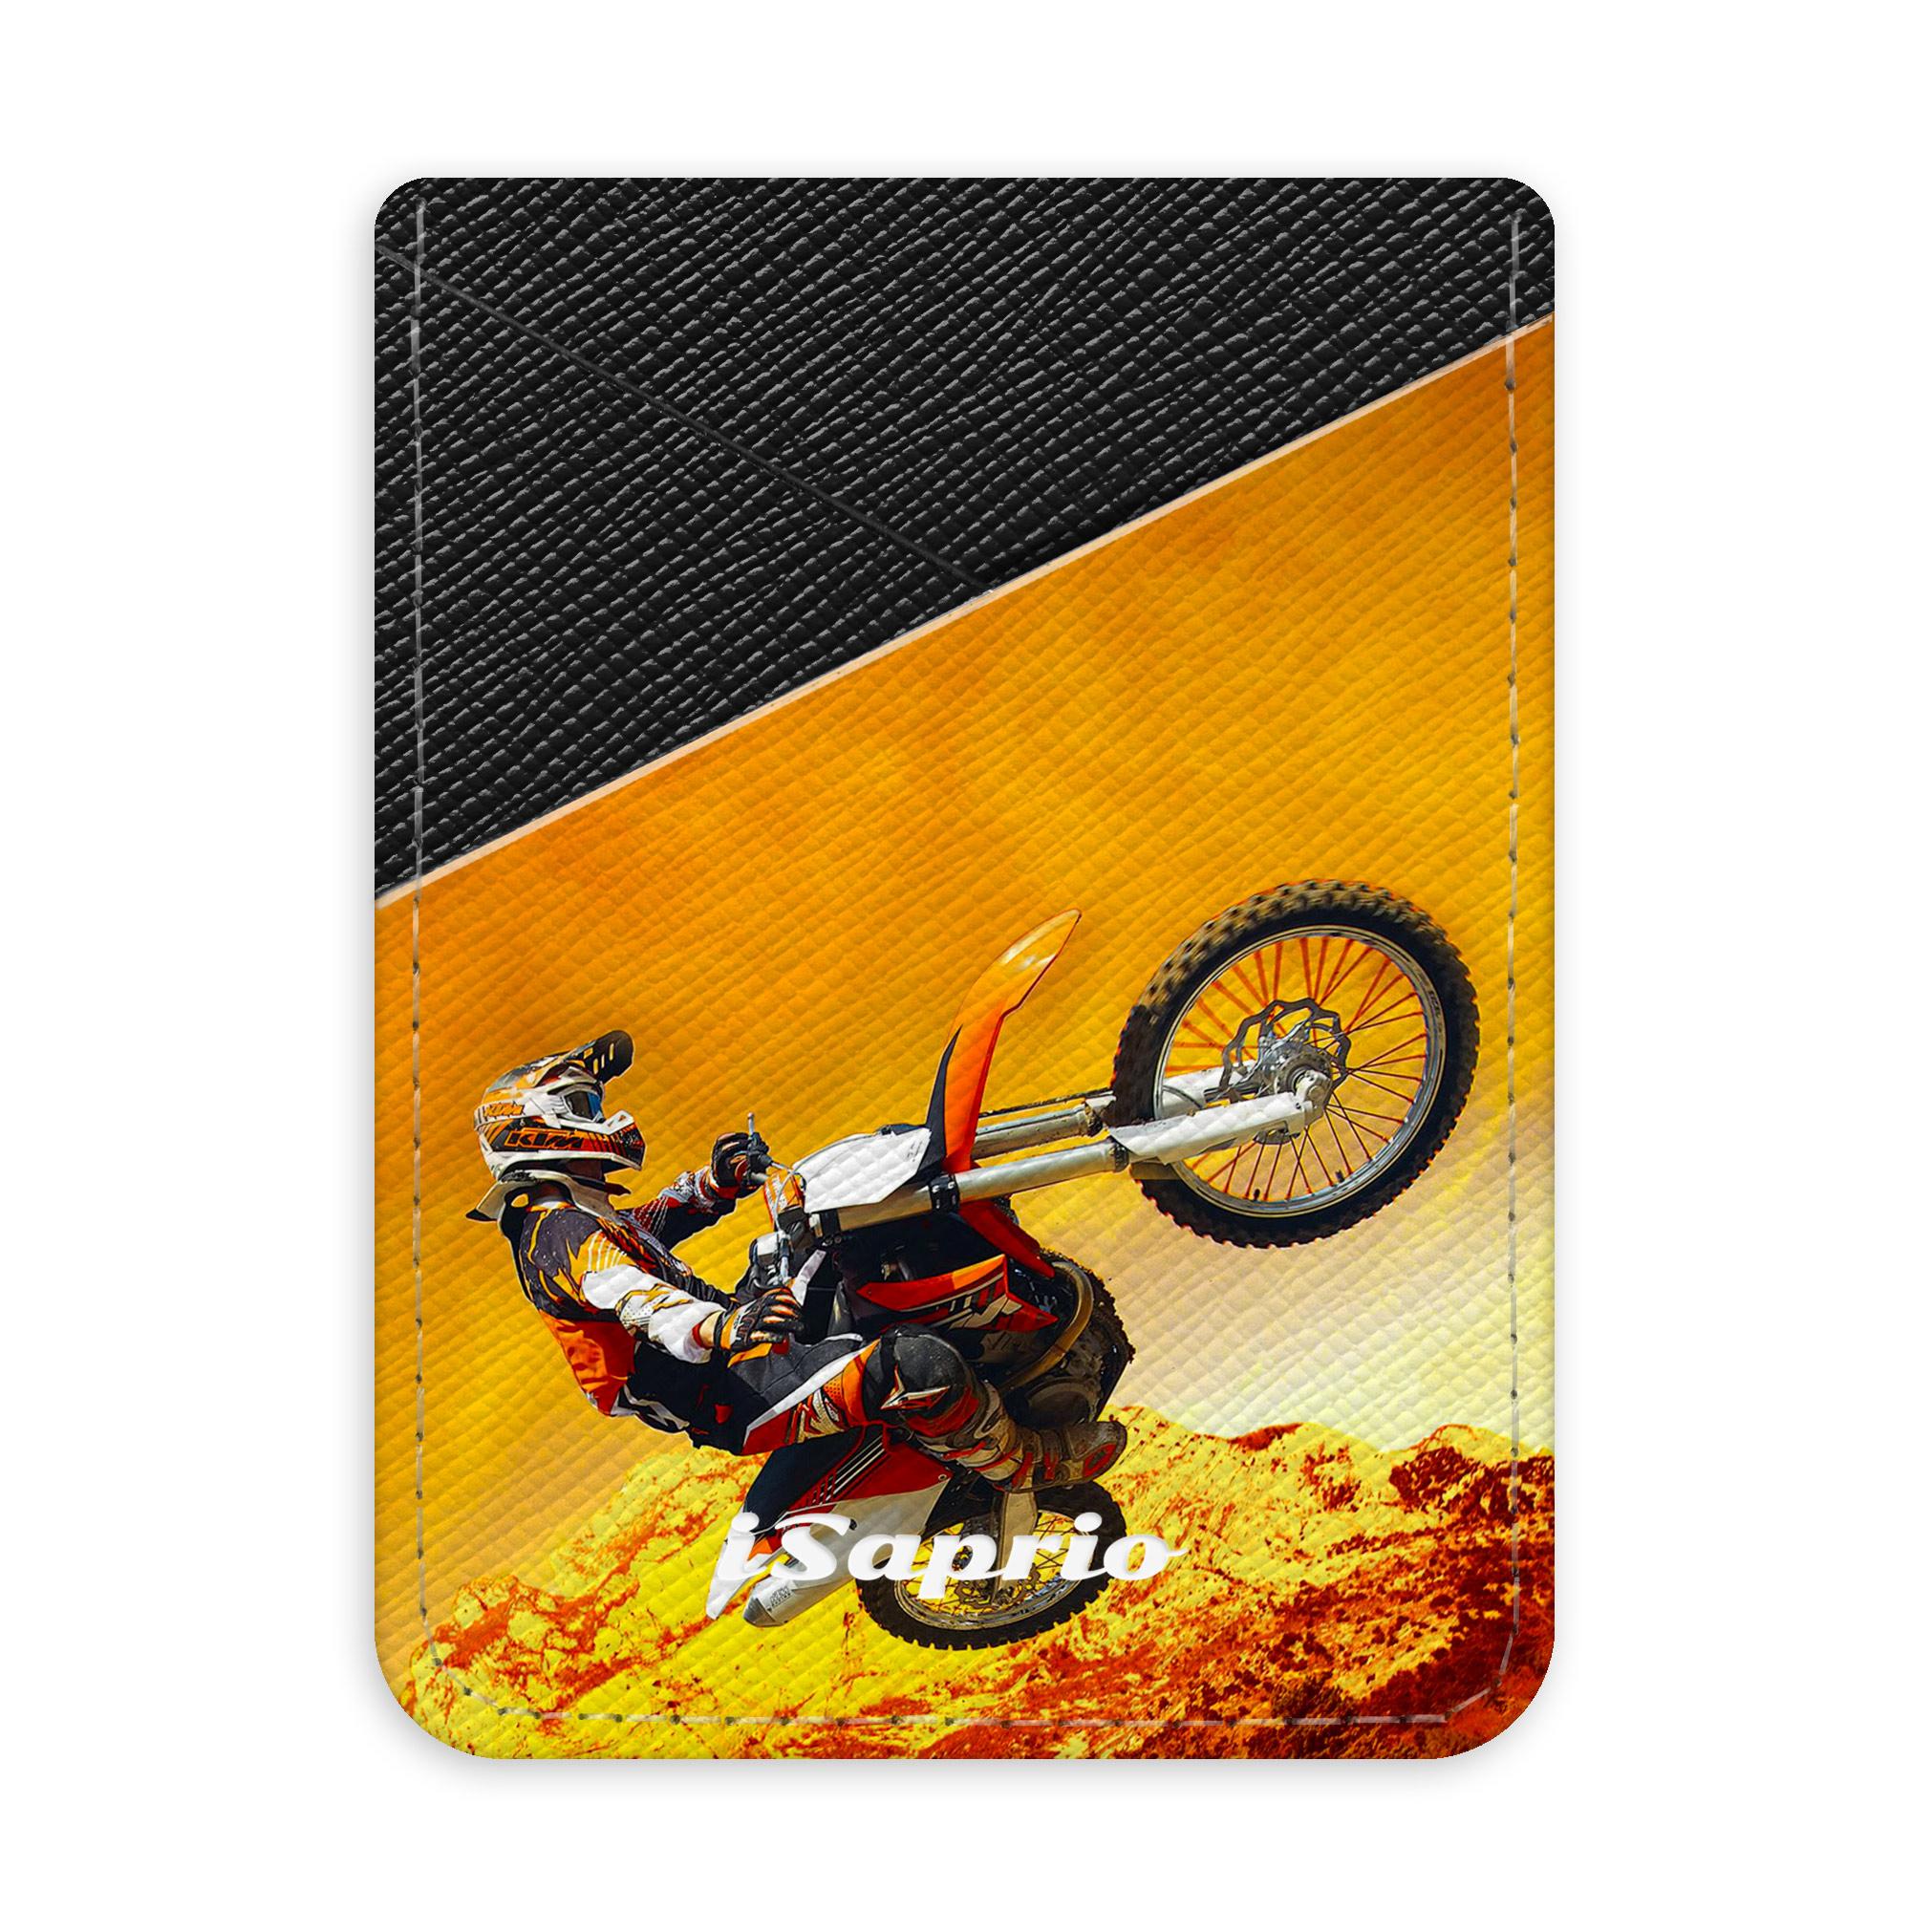 Pouzdro na kreditní karty iSaprio Motocross tmavá nalepovací kapsa